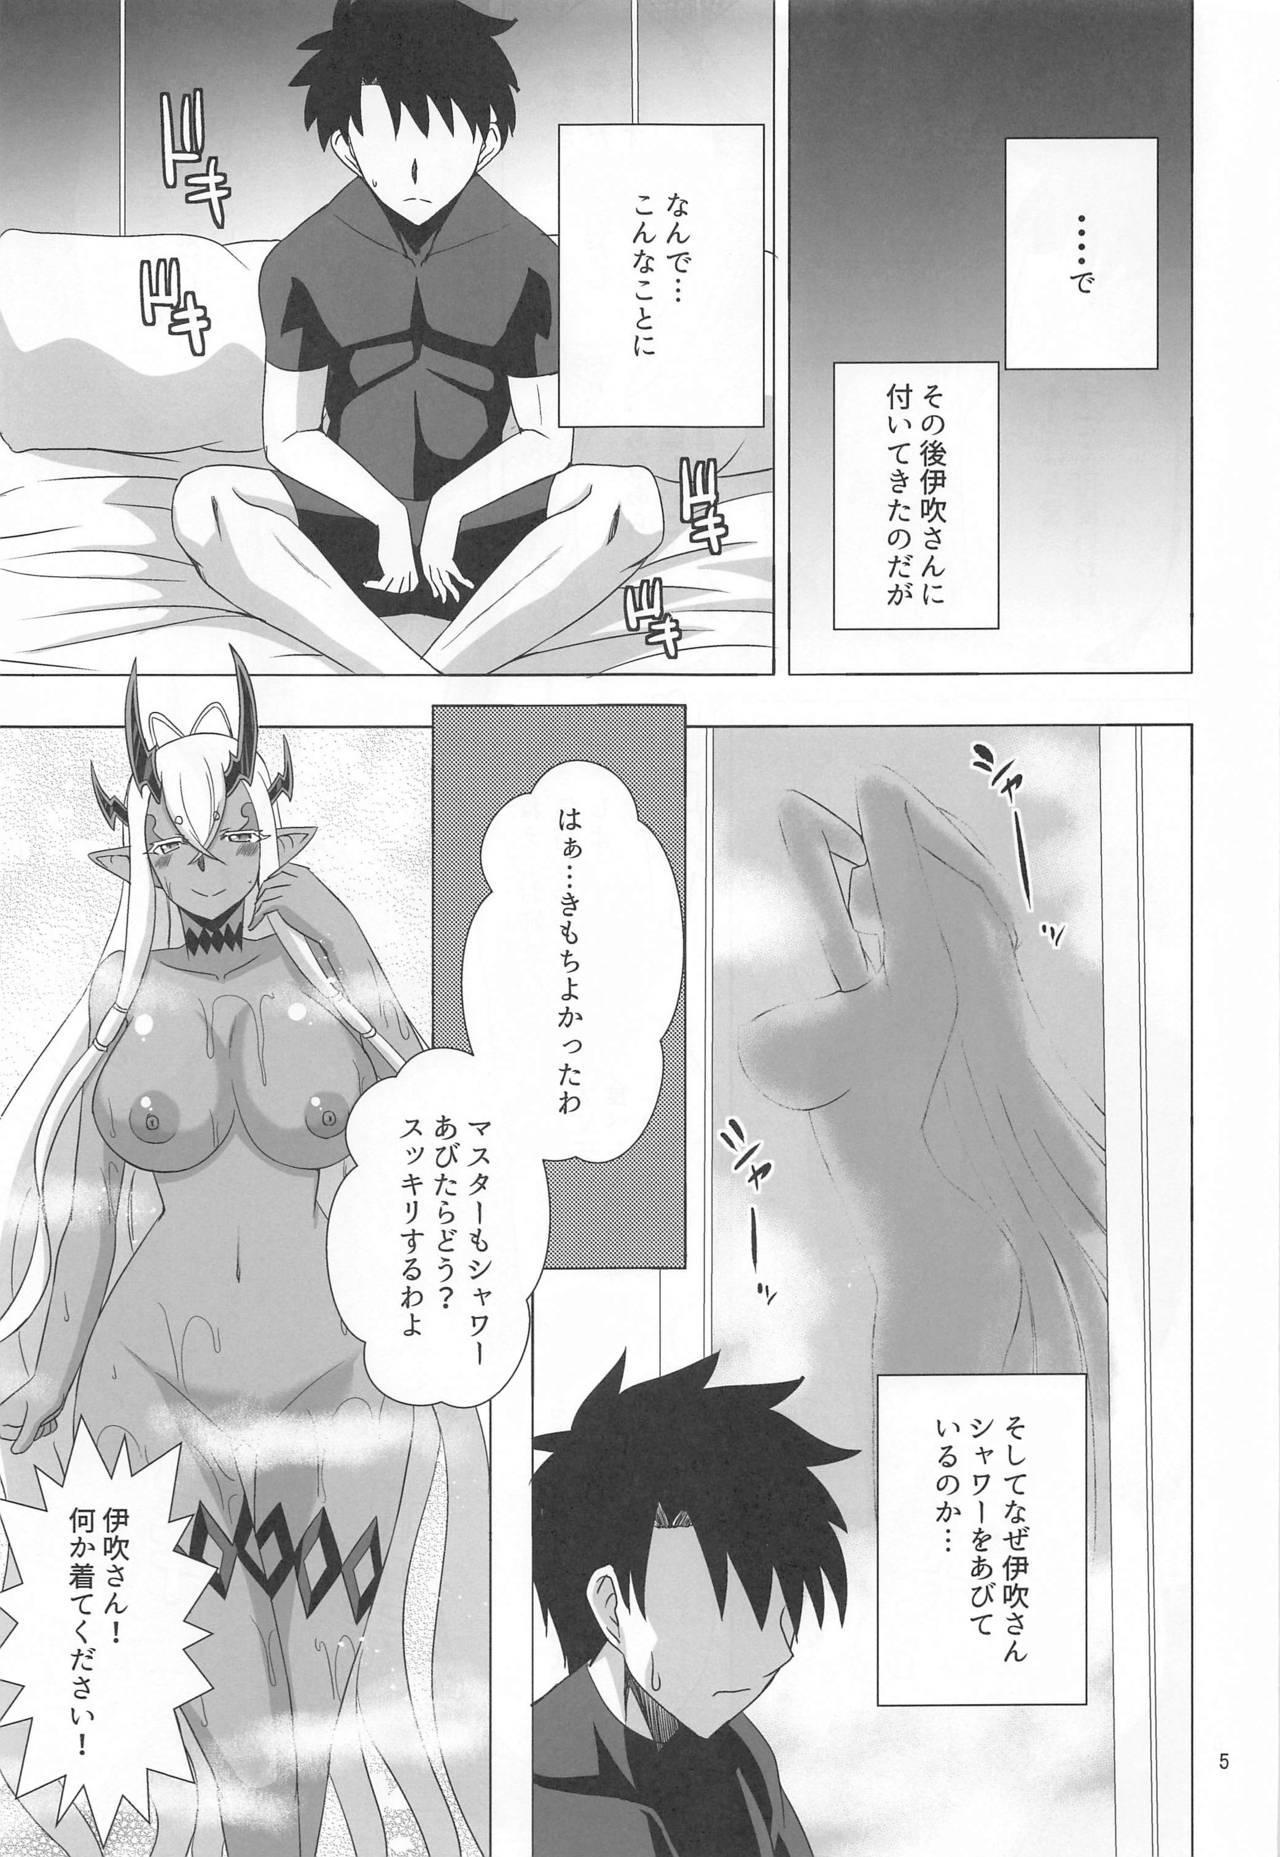 Hebigami-sama wa Ecchi ga Shitai 3